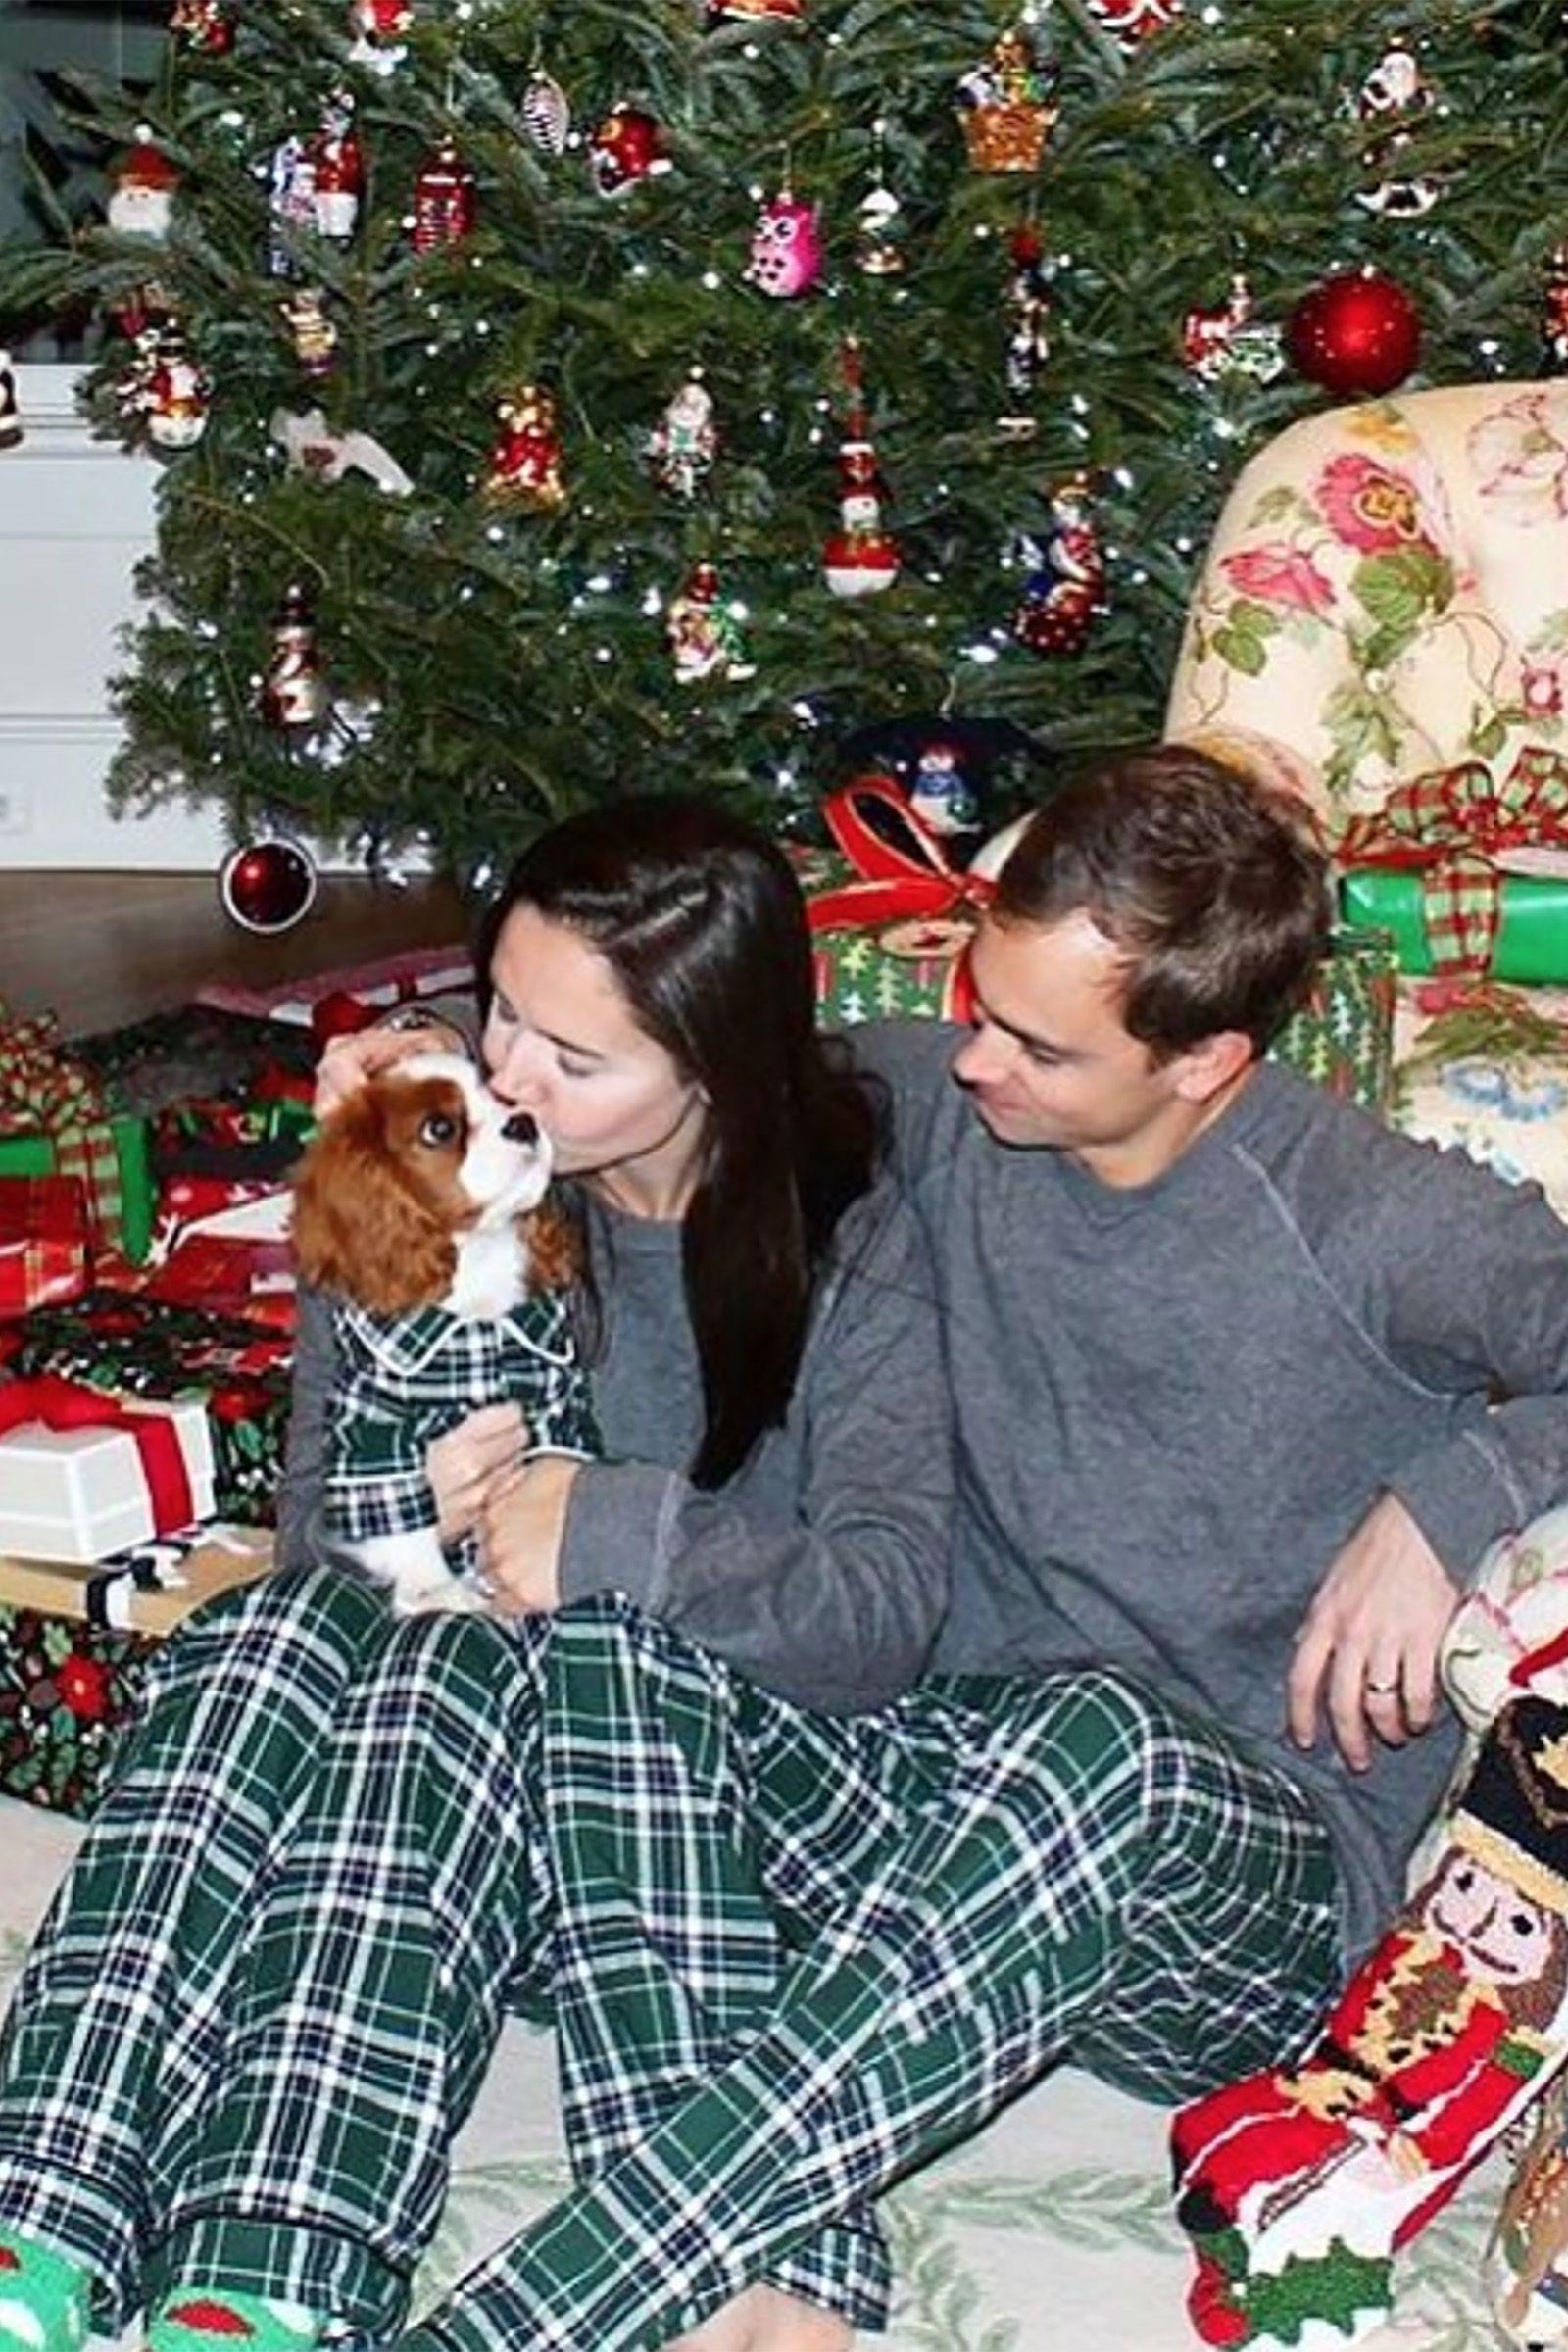 25 matching family christmas pajamas cute holiday pajamas sets for adults and kids - Plaid Christmas Pajamas